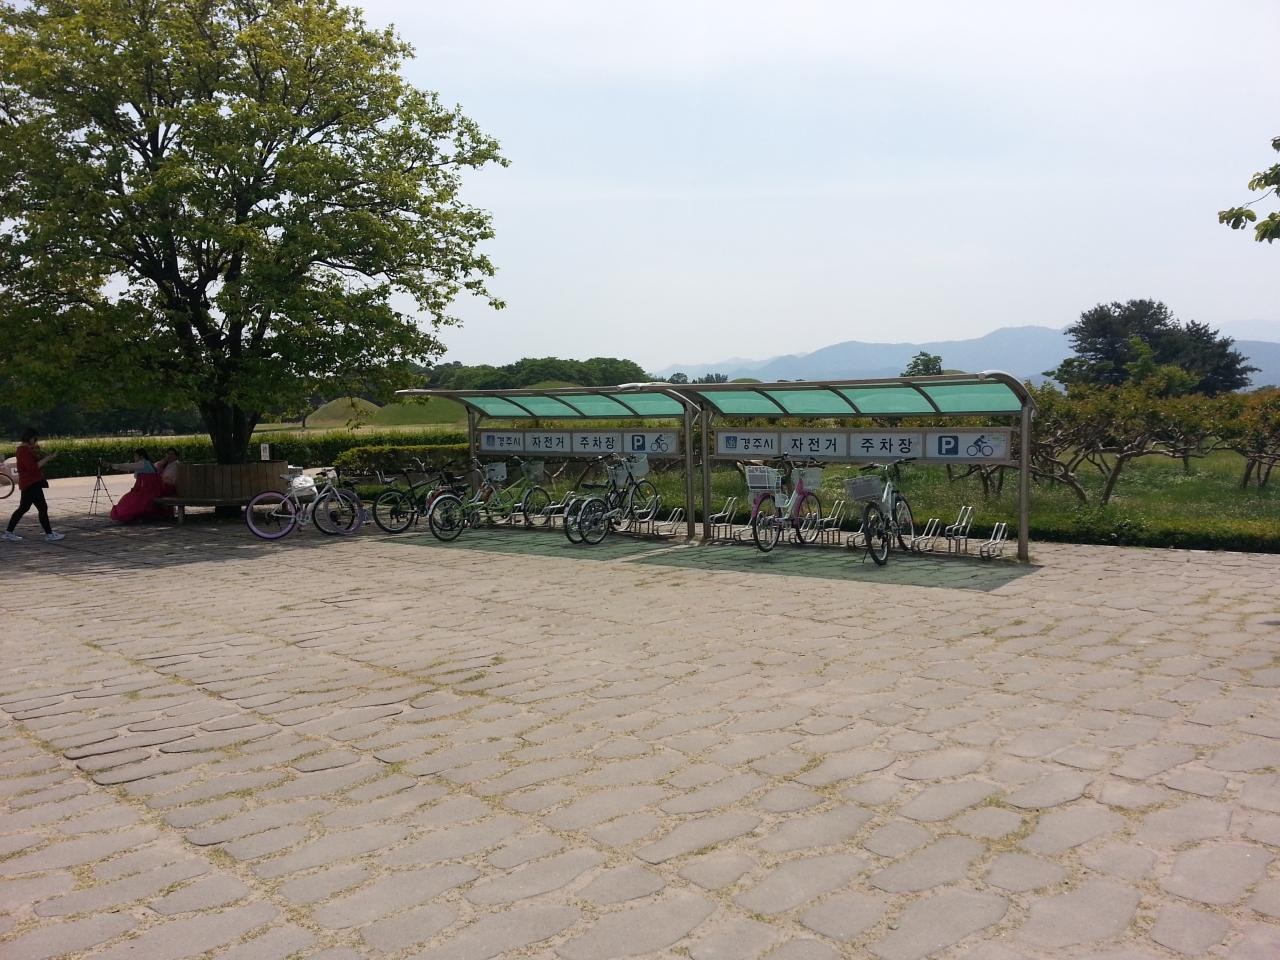 慶州歴史地域の画像 p1_24